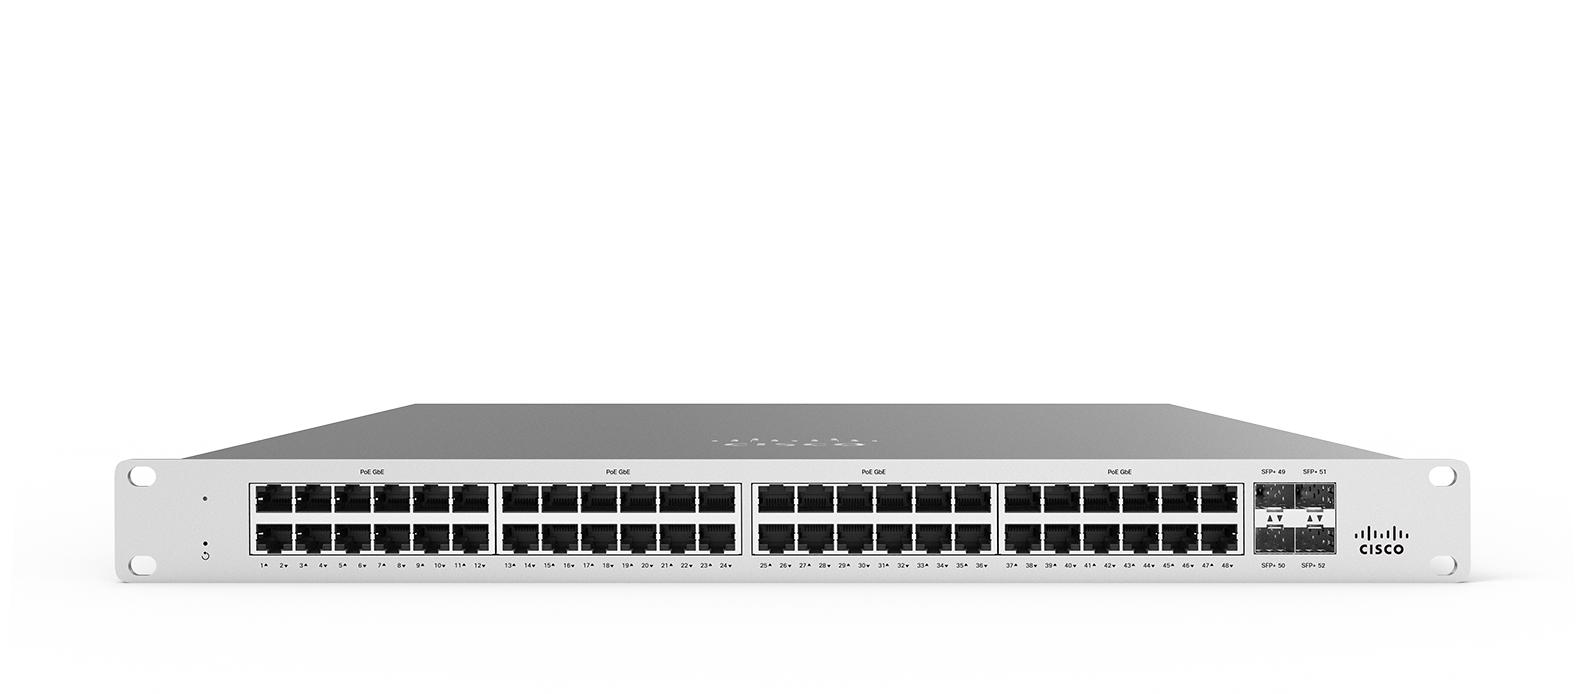 ms125-48-header (1)